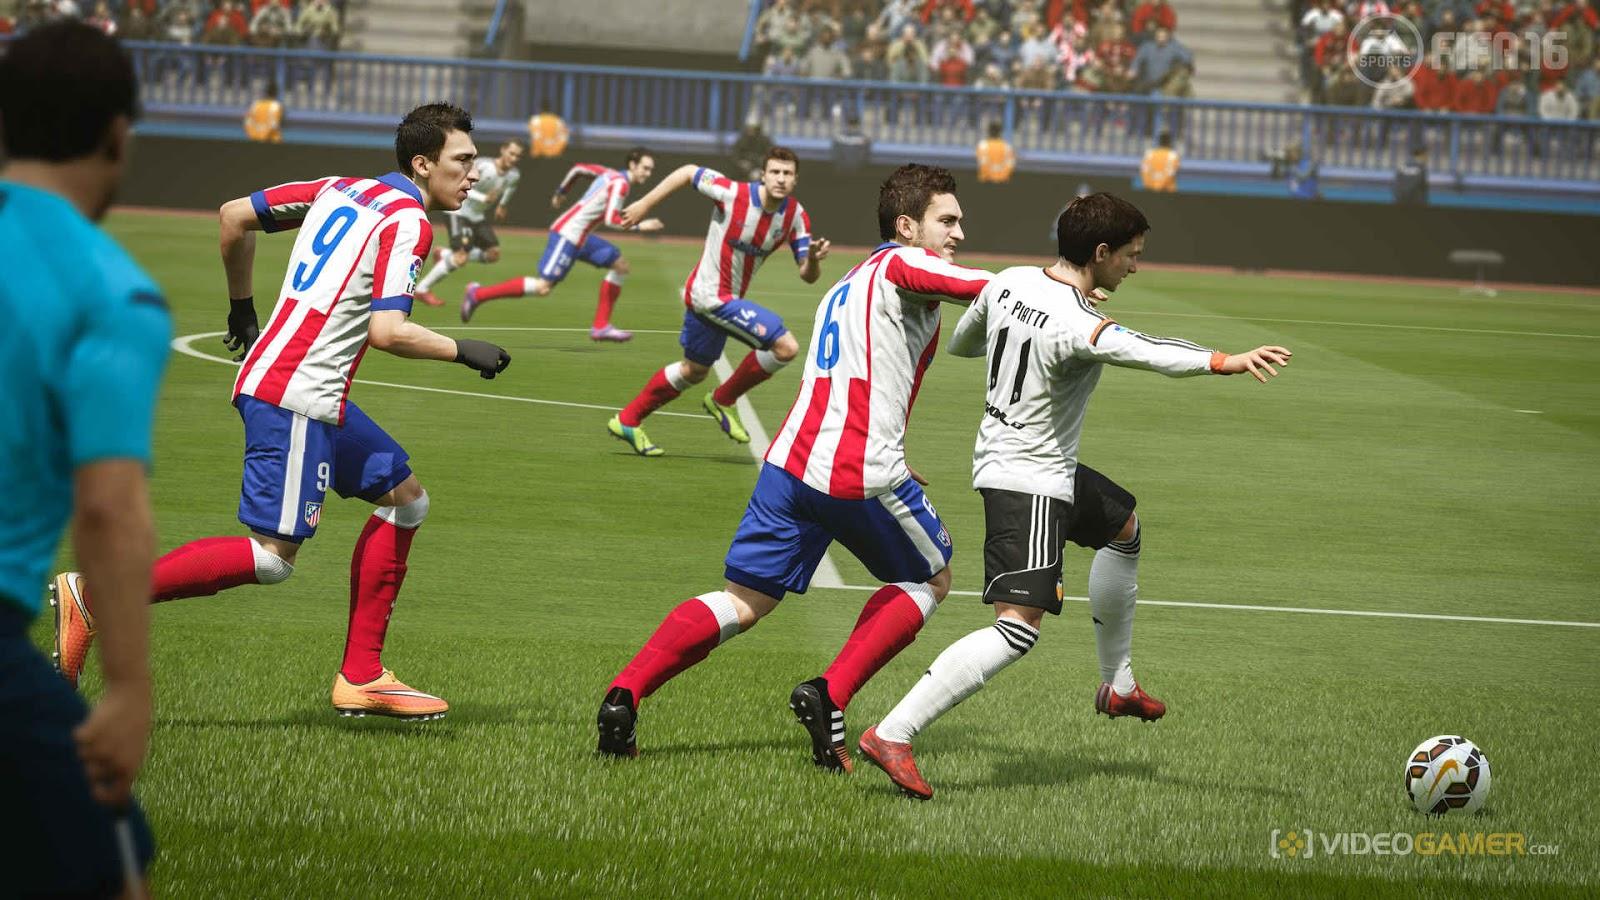 Fifa 16 setup for pc